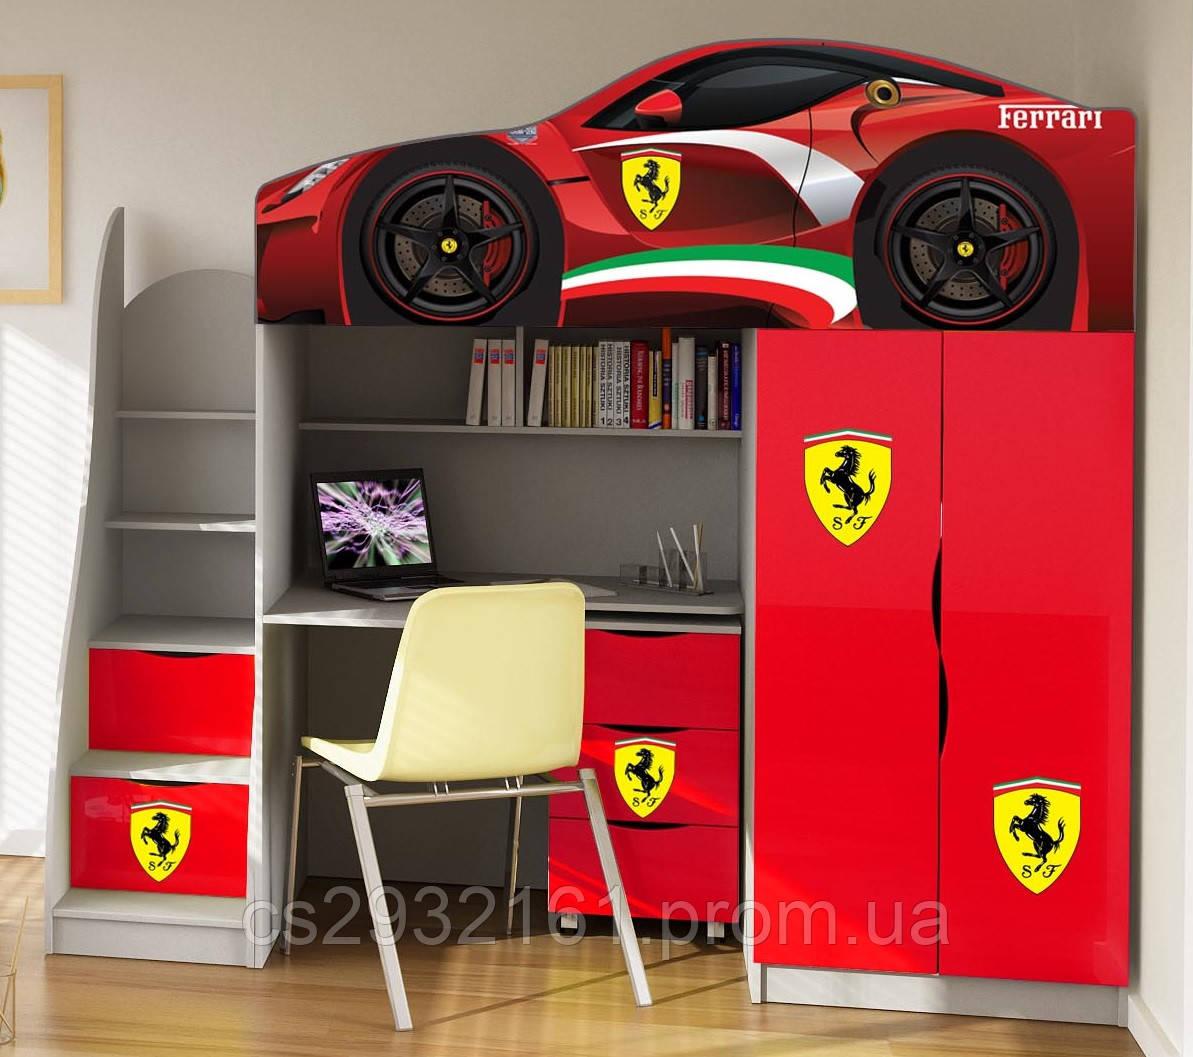 Кровать чердак машинка на выбор 170*80 серия Brand. Кровать с рабочей зоной. Кровать двухэтажная BMW Ferrari